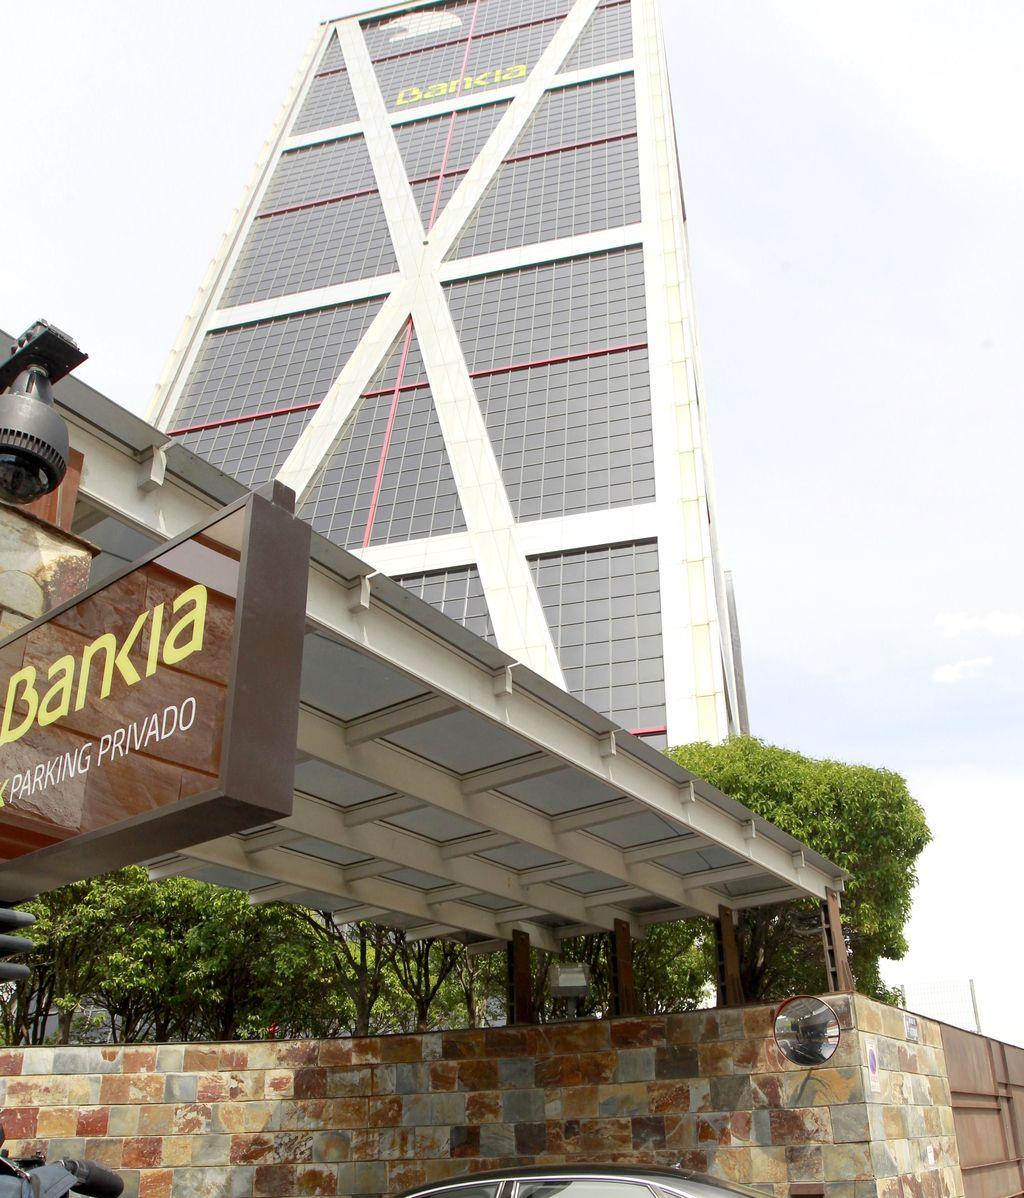 Se de de Bankia en Madrid